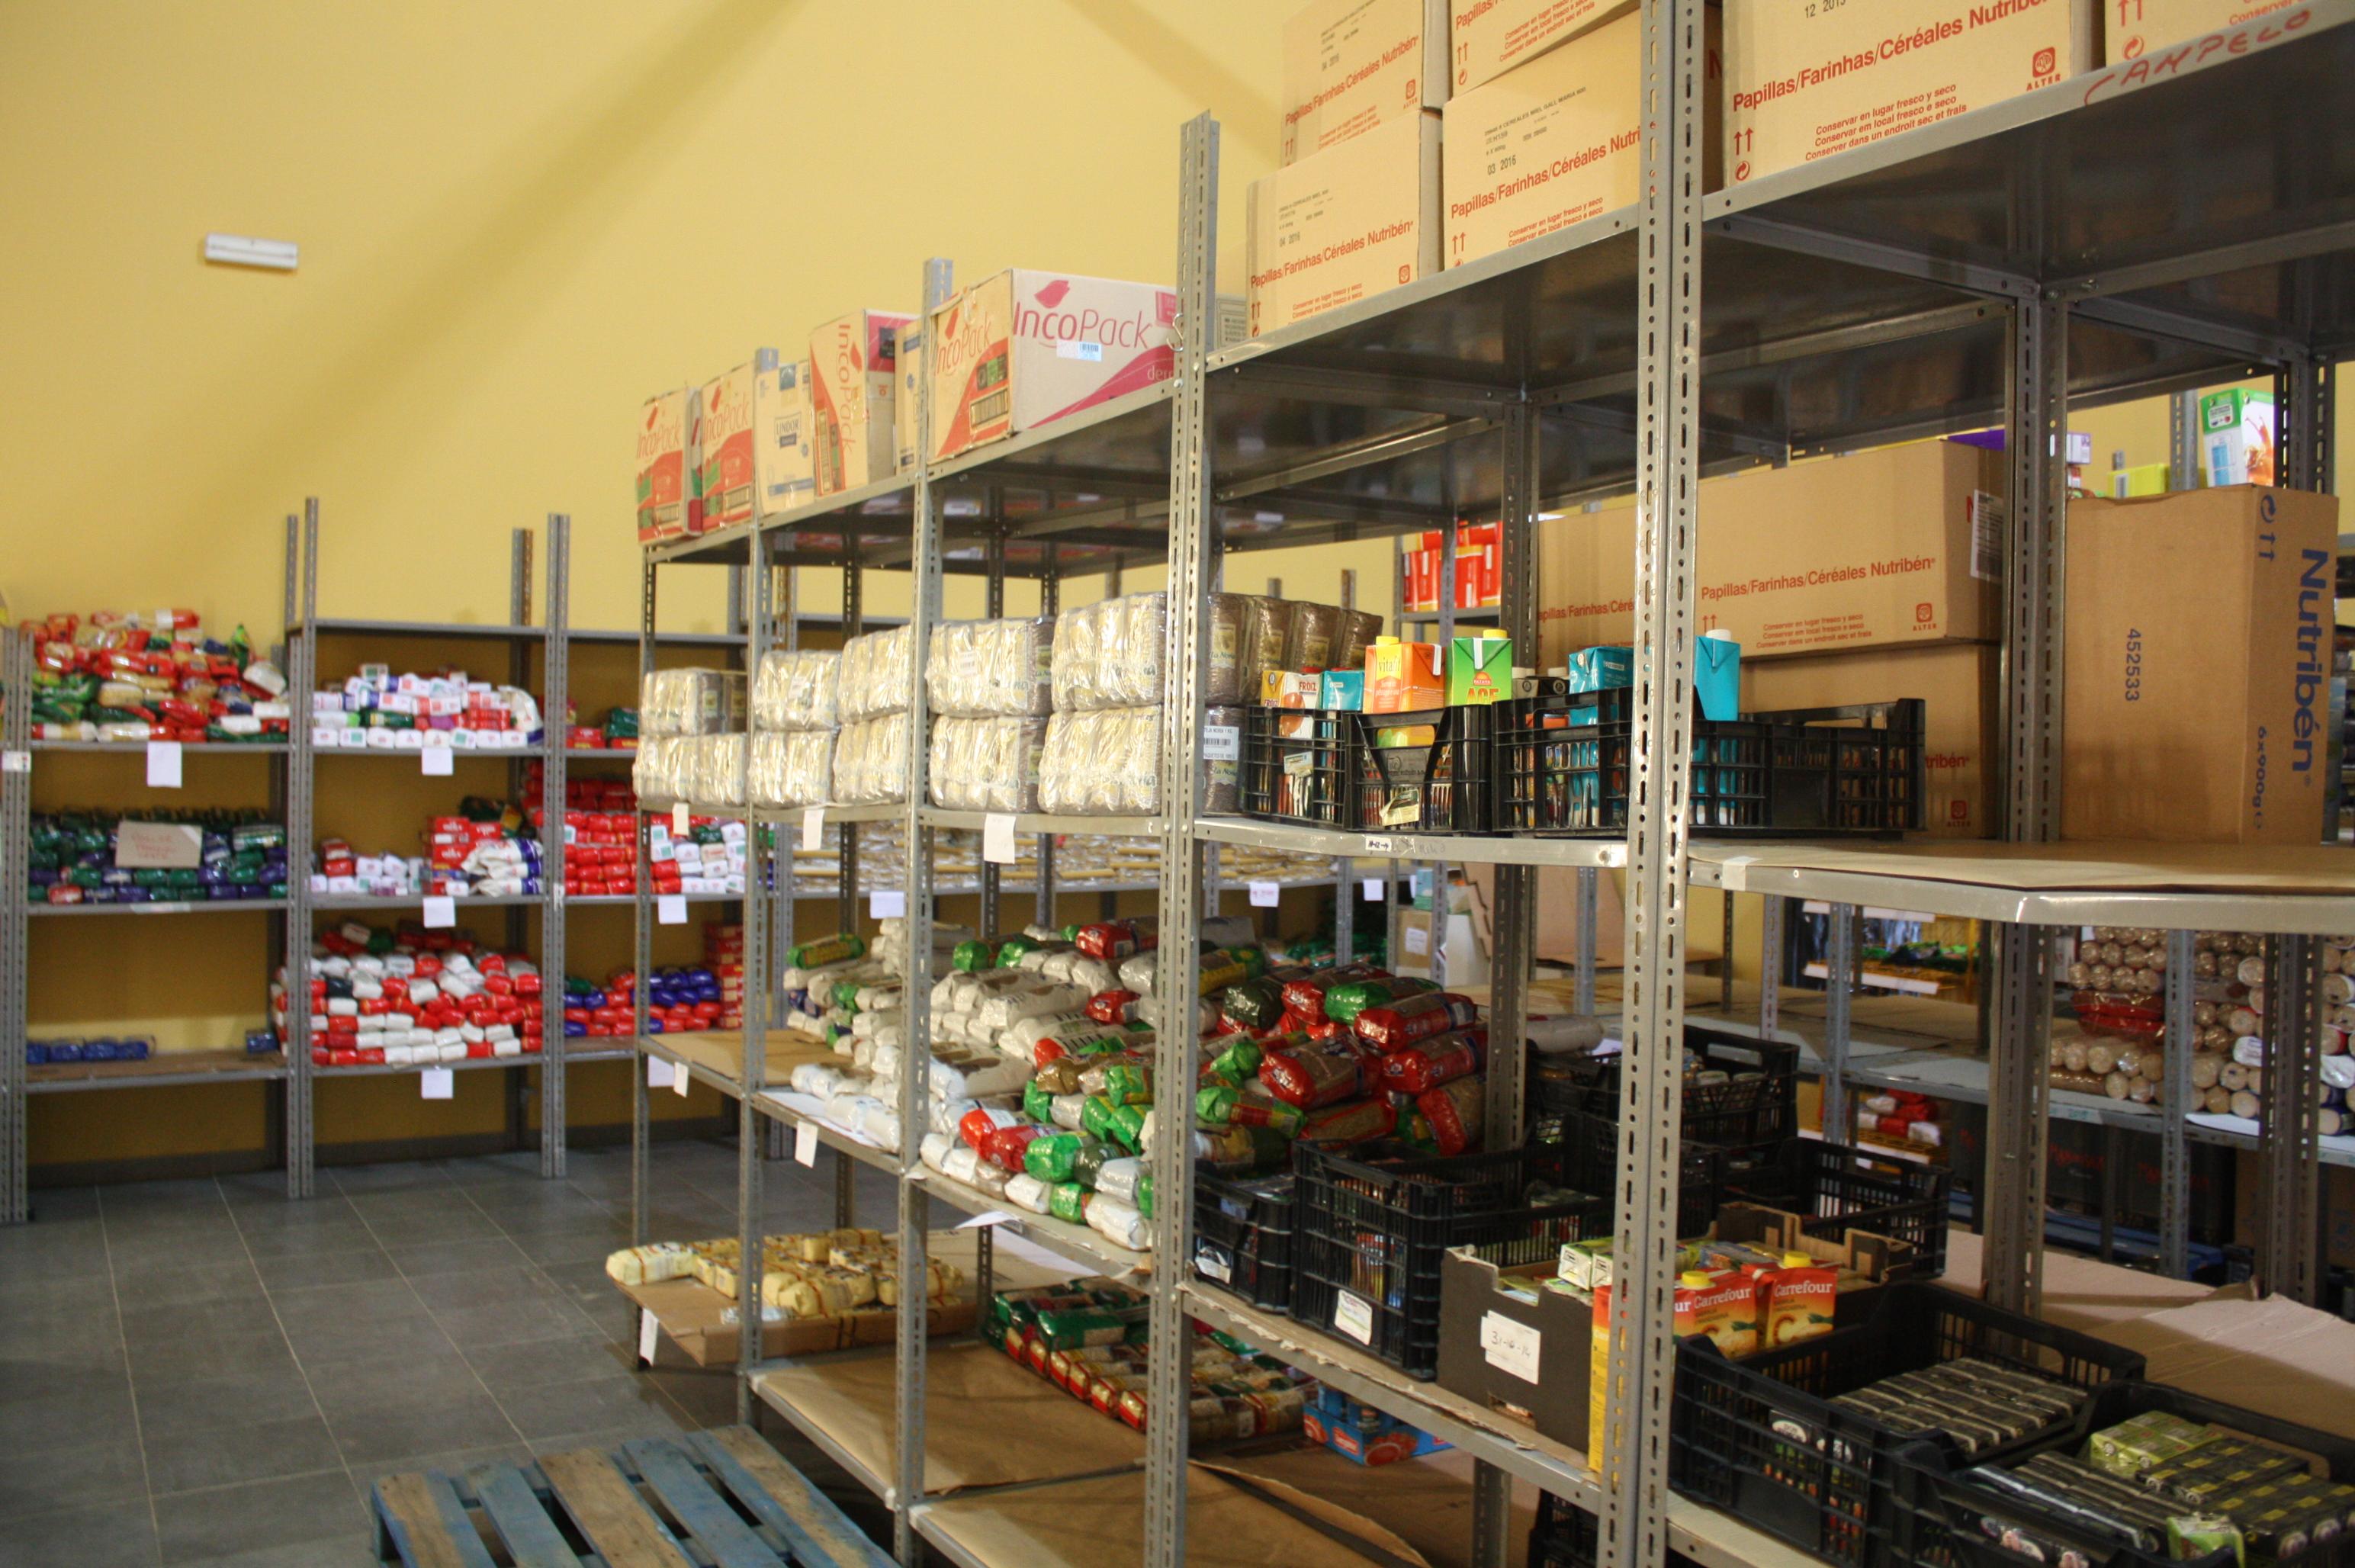 File sanxenxo banco de alimentos 01 01 jpg wikimedia commons - Banco de alimentos wikipedia ...